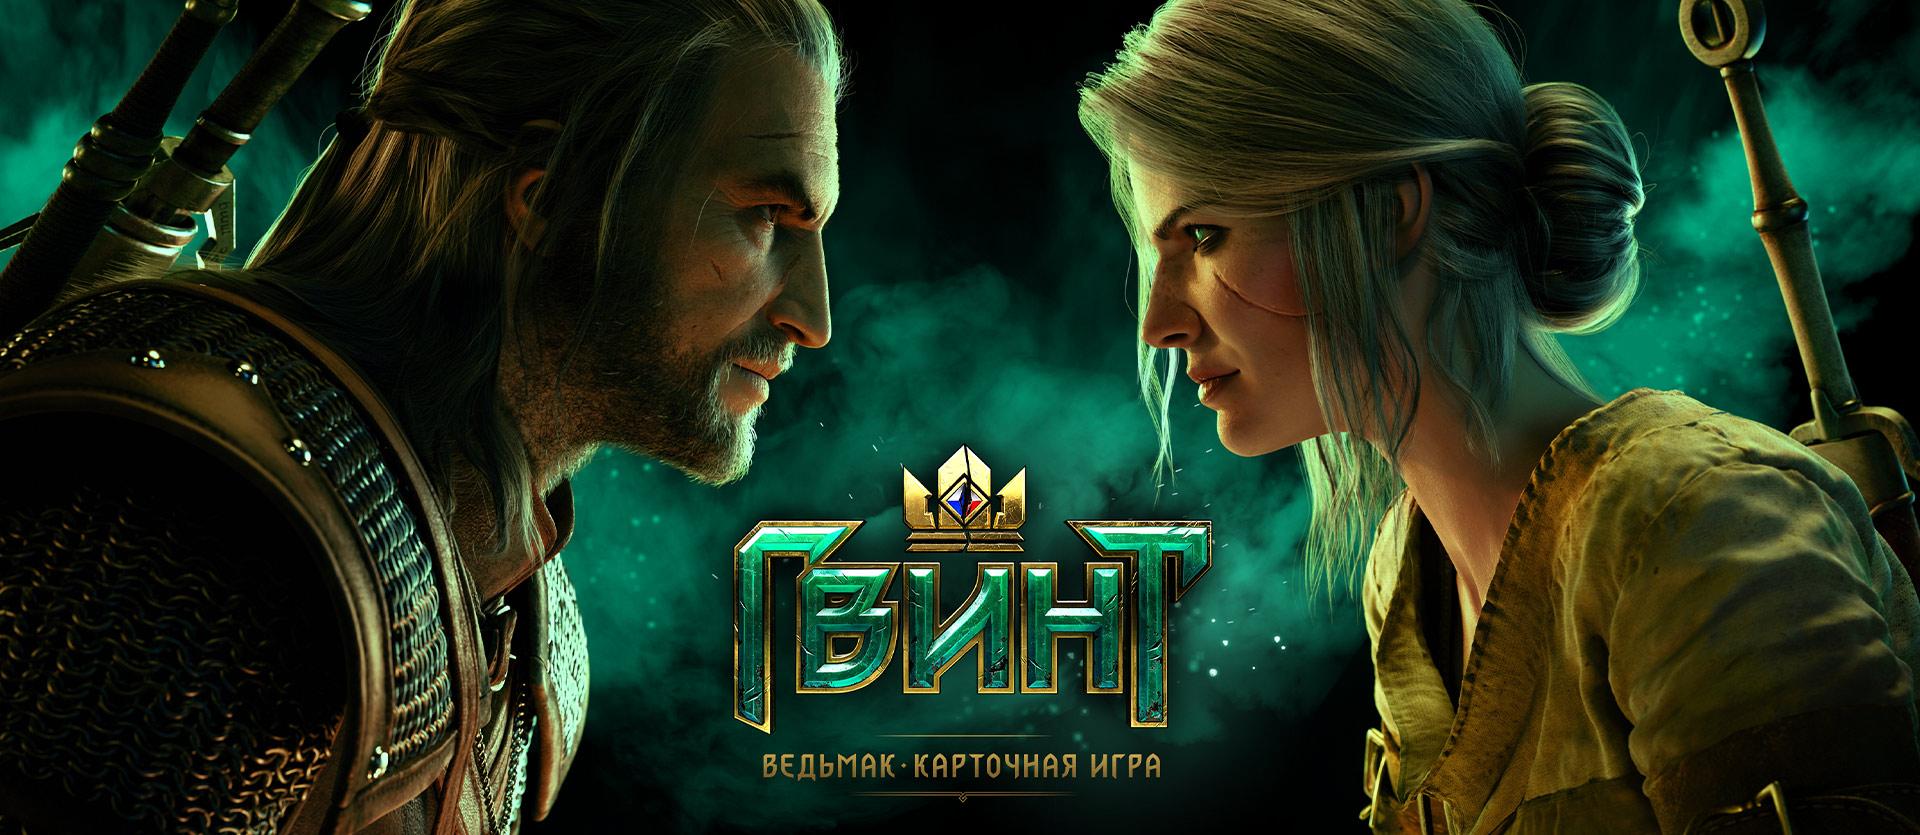 «ГВИНТ: Ведьмак», карточная игра. Вид сбоку на Геральта и Цири, стоящих лицом к лицу